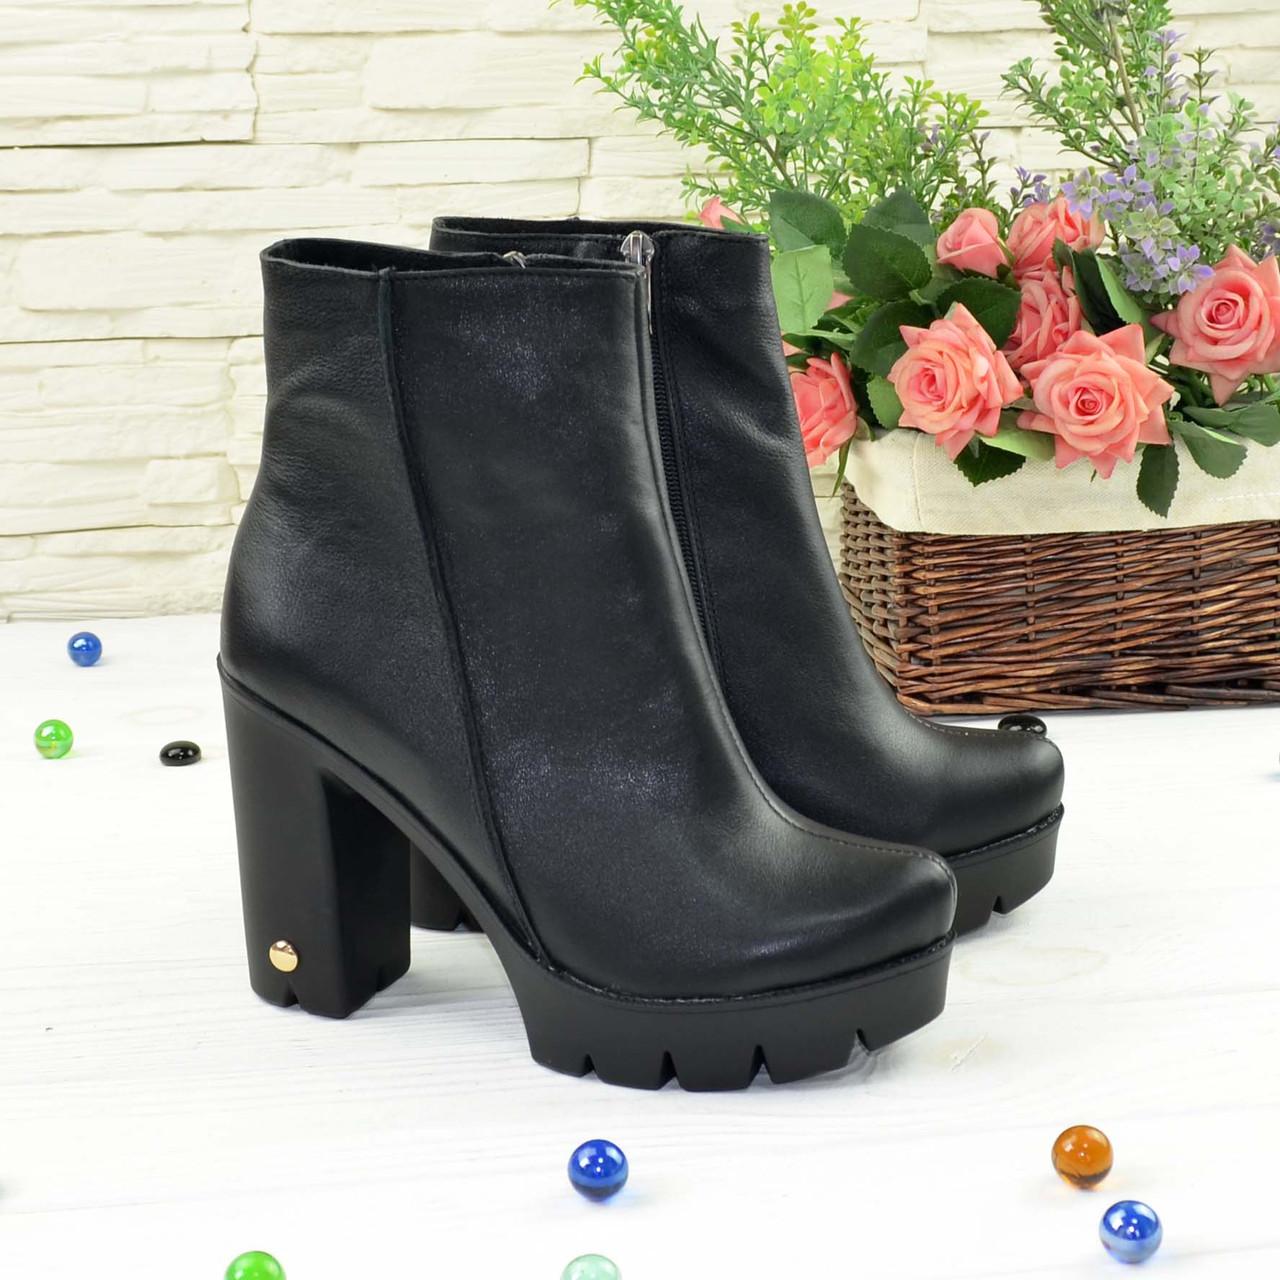 Ботинки женские черные на тракторной подошве, натуральная кожа